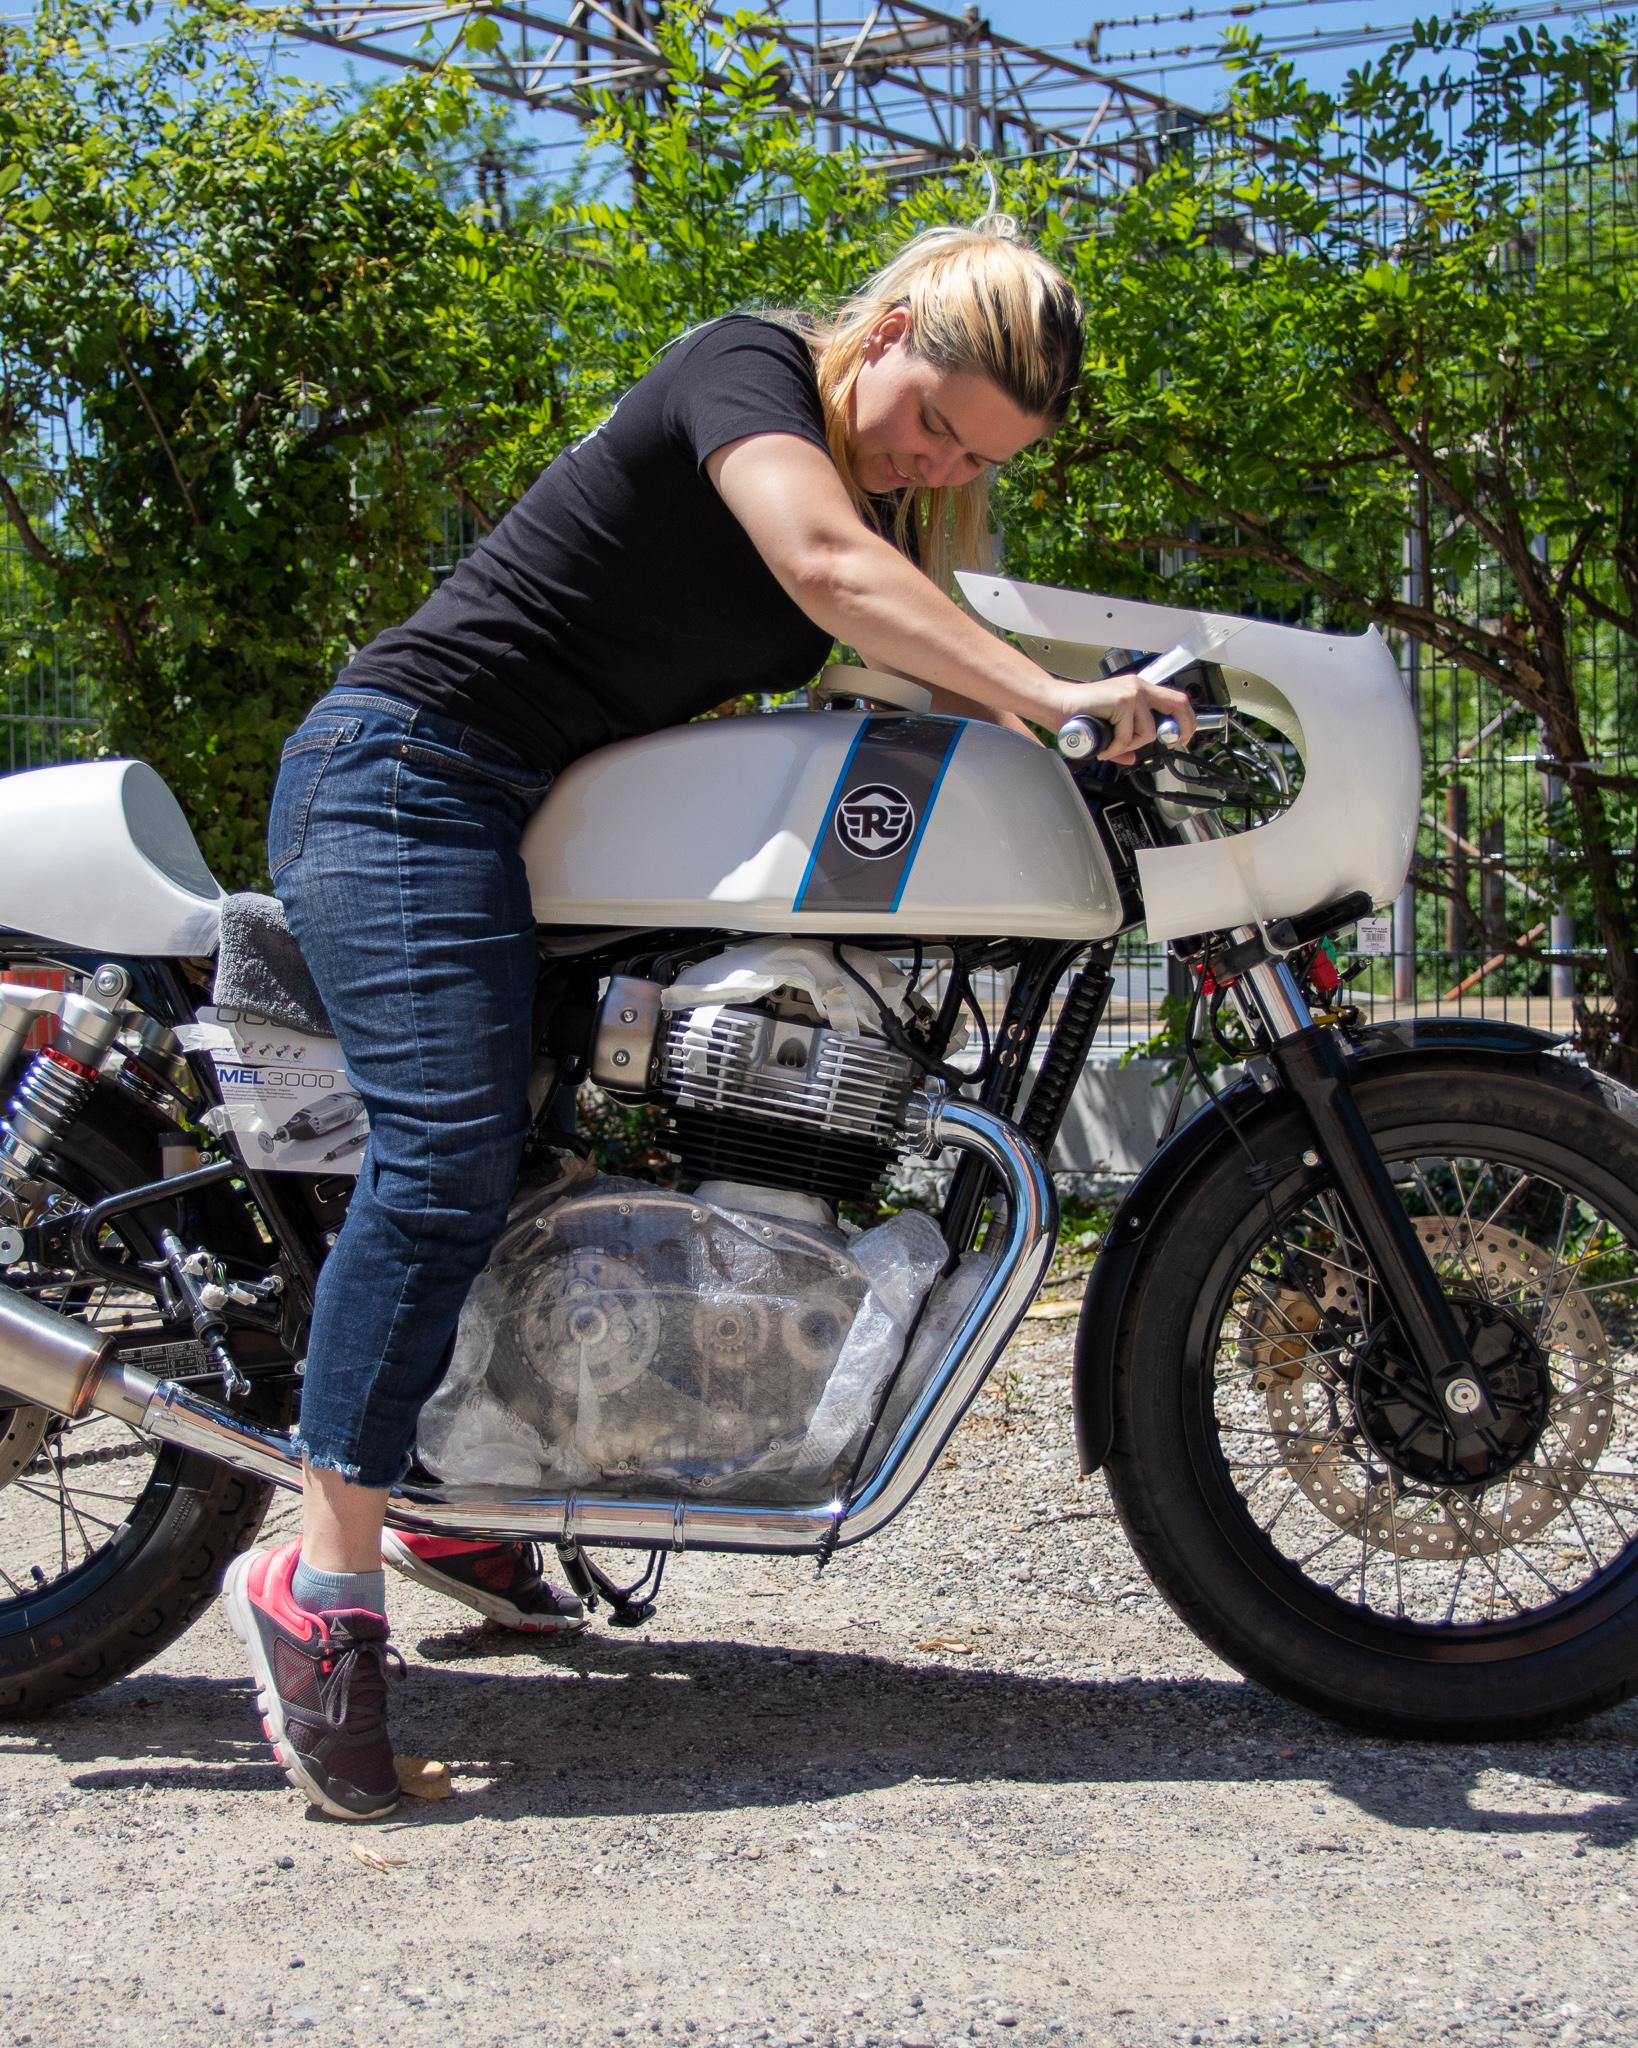 Royal Enfield Gungnir motorcycle